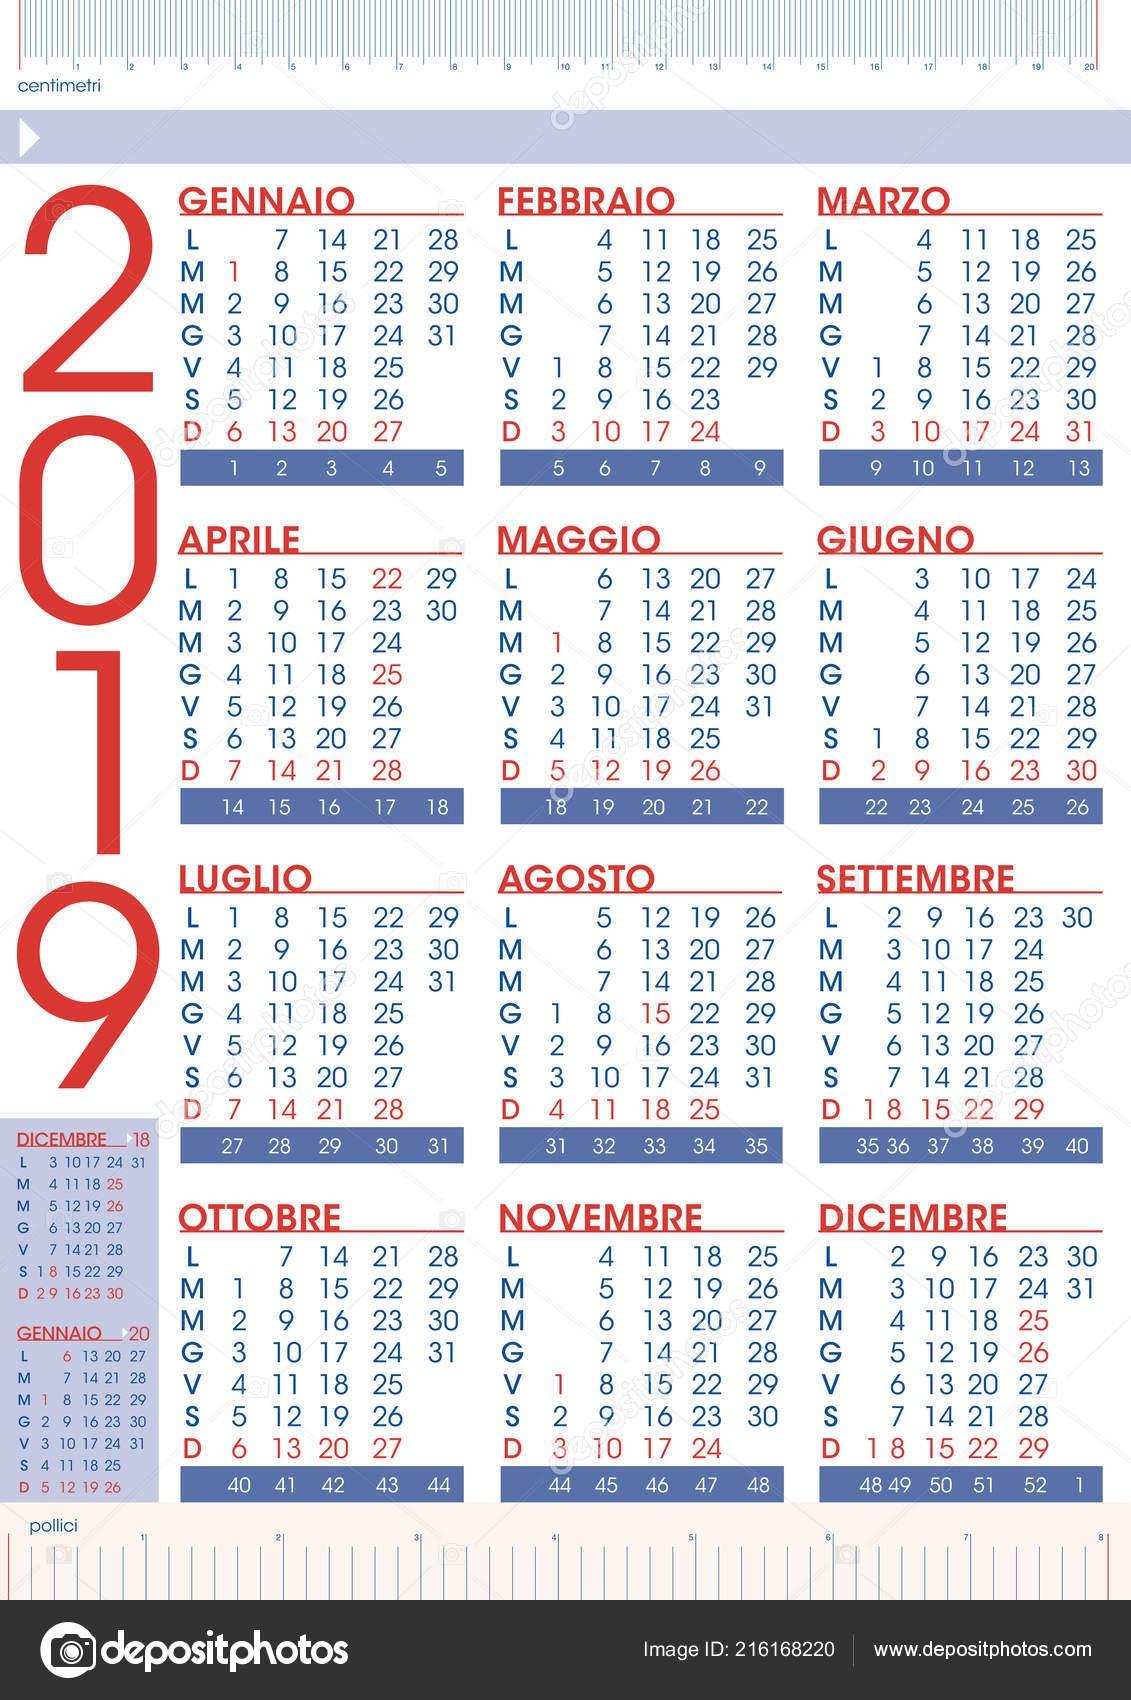 Calendario 2019 Usa Con Feriados Recientes Obchodn Pravidla 2019 Kalendář Italském Jazyce Státn Svátky Počet Of Calendario 2019 Usa Con Feriados Actual Kalendář Na Rok 2019 T½den Začná V Neděli Åablona Návrhu Å¡ablony